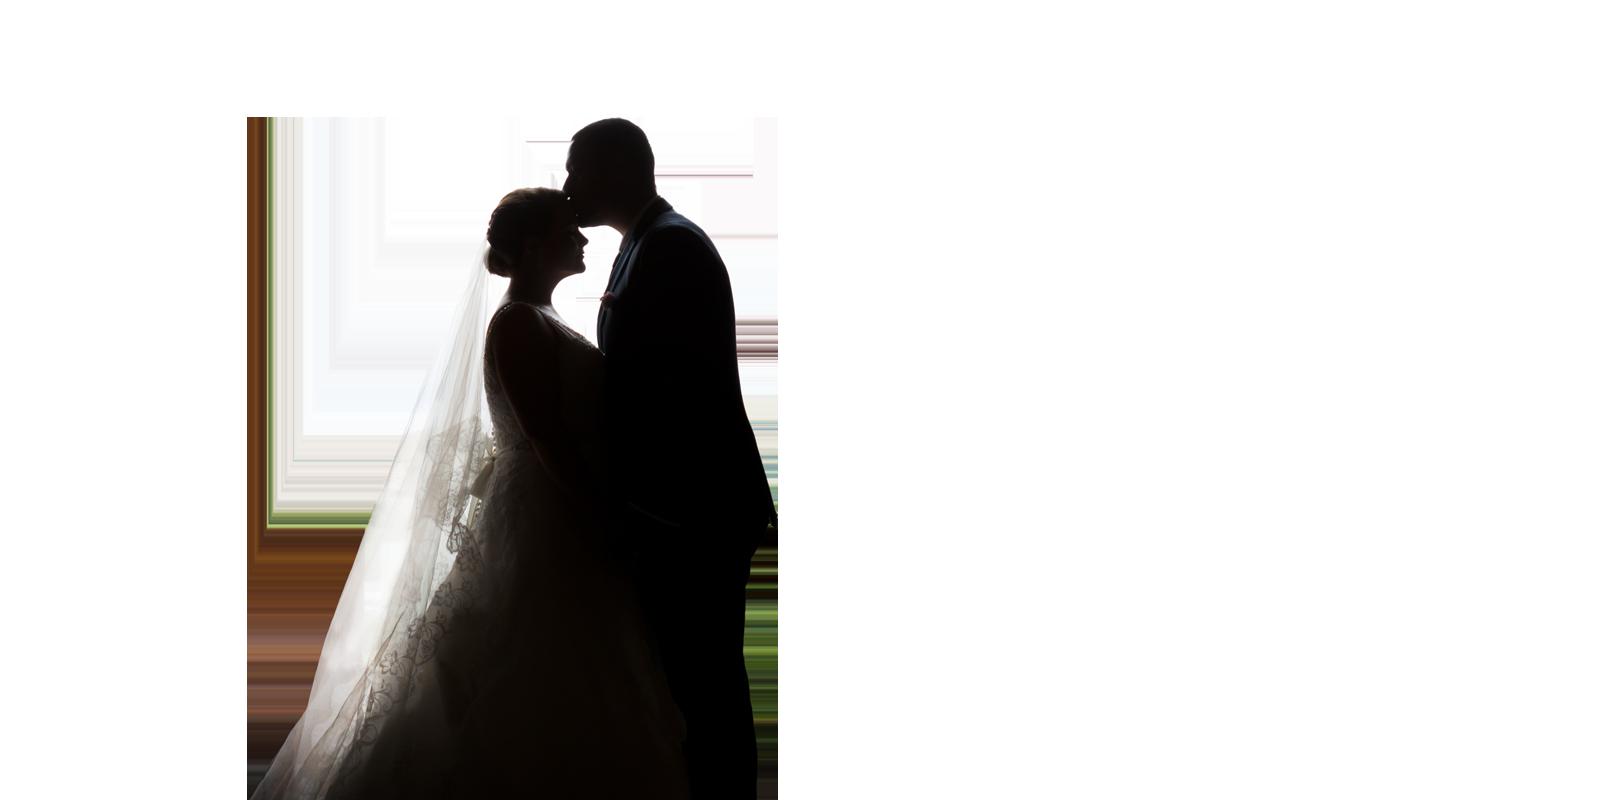 black wedding backgrounds - photo #33